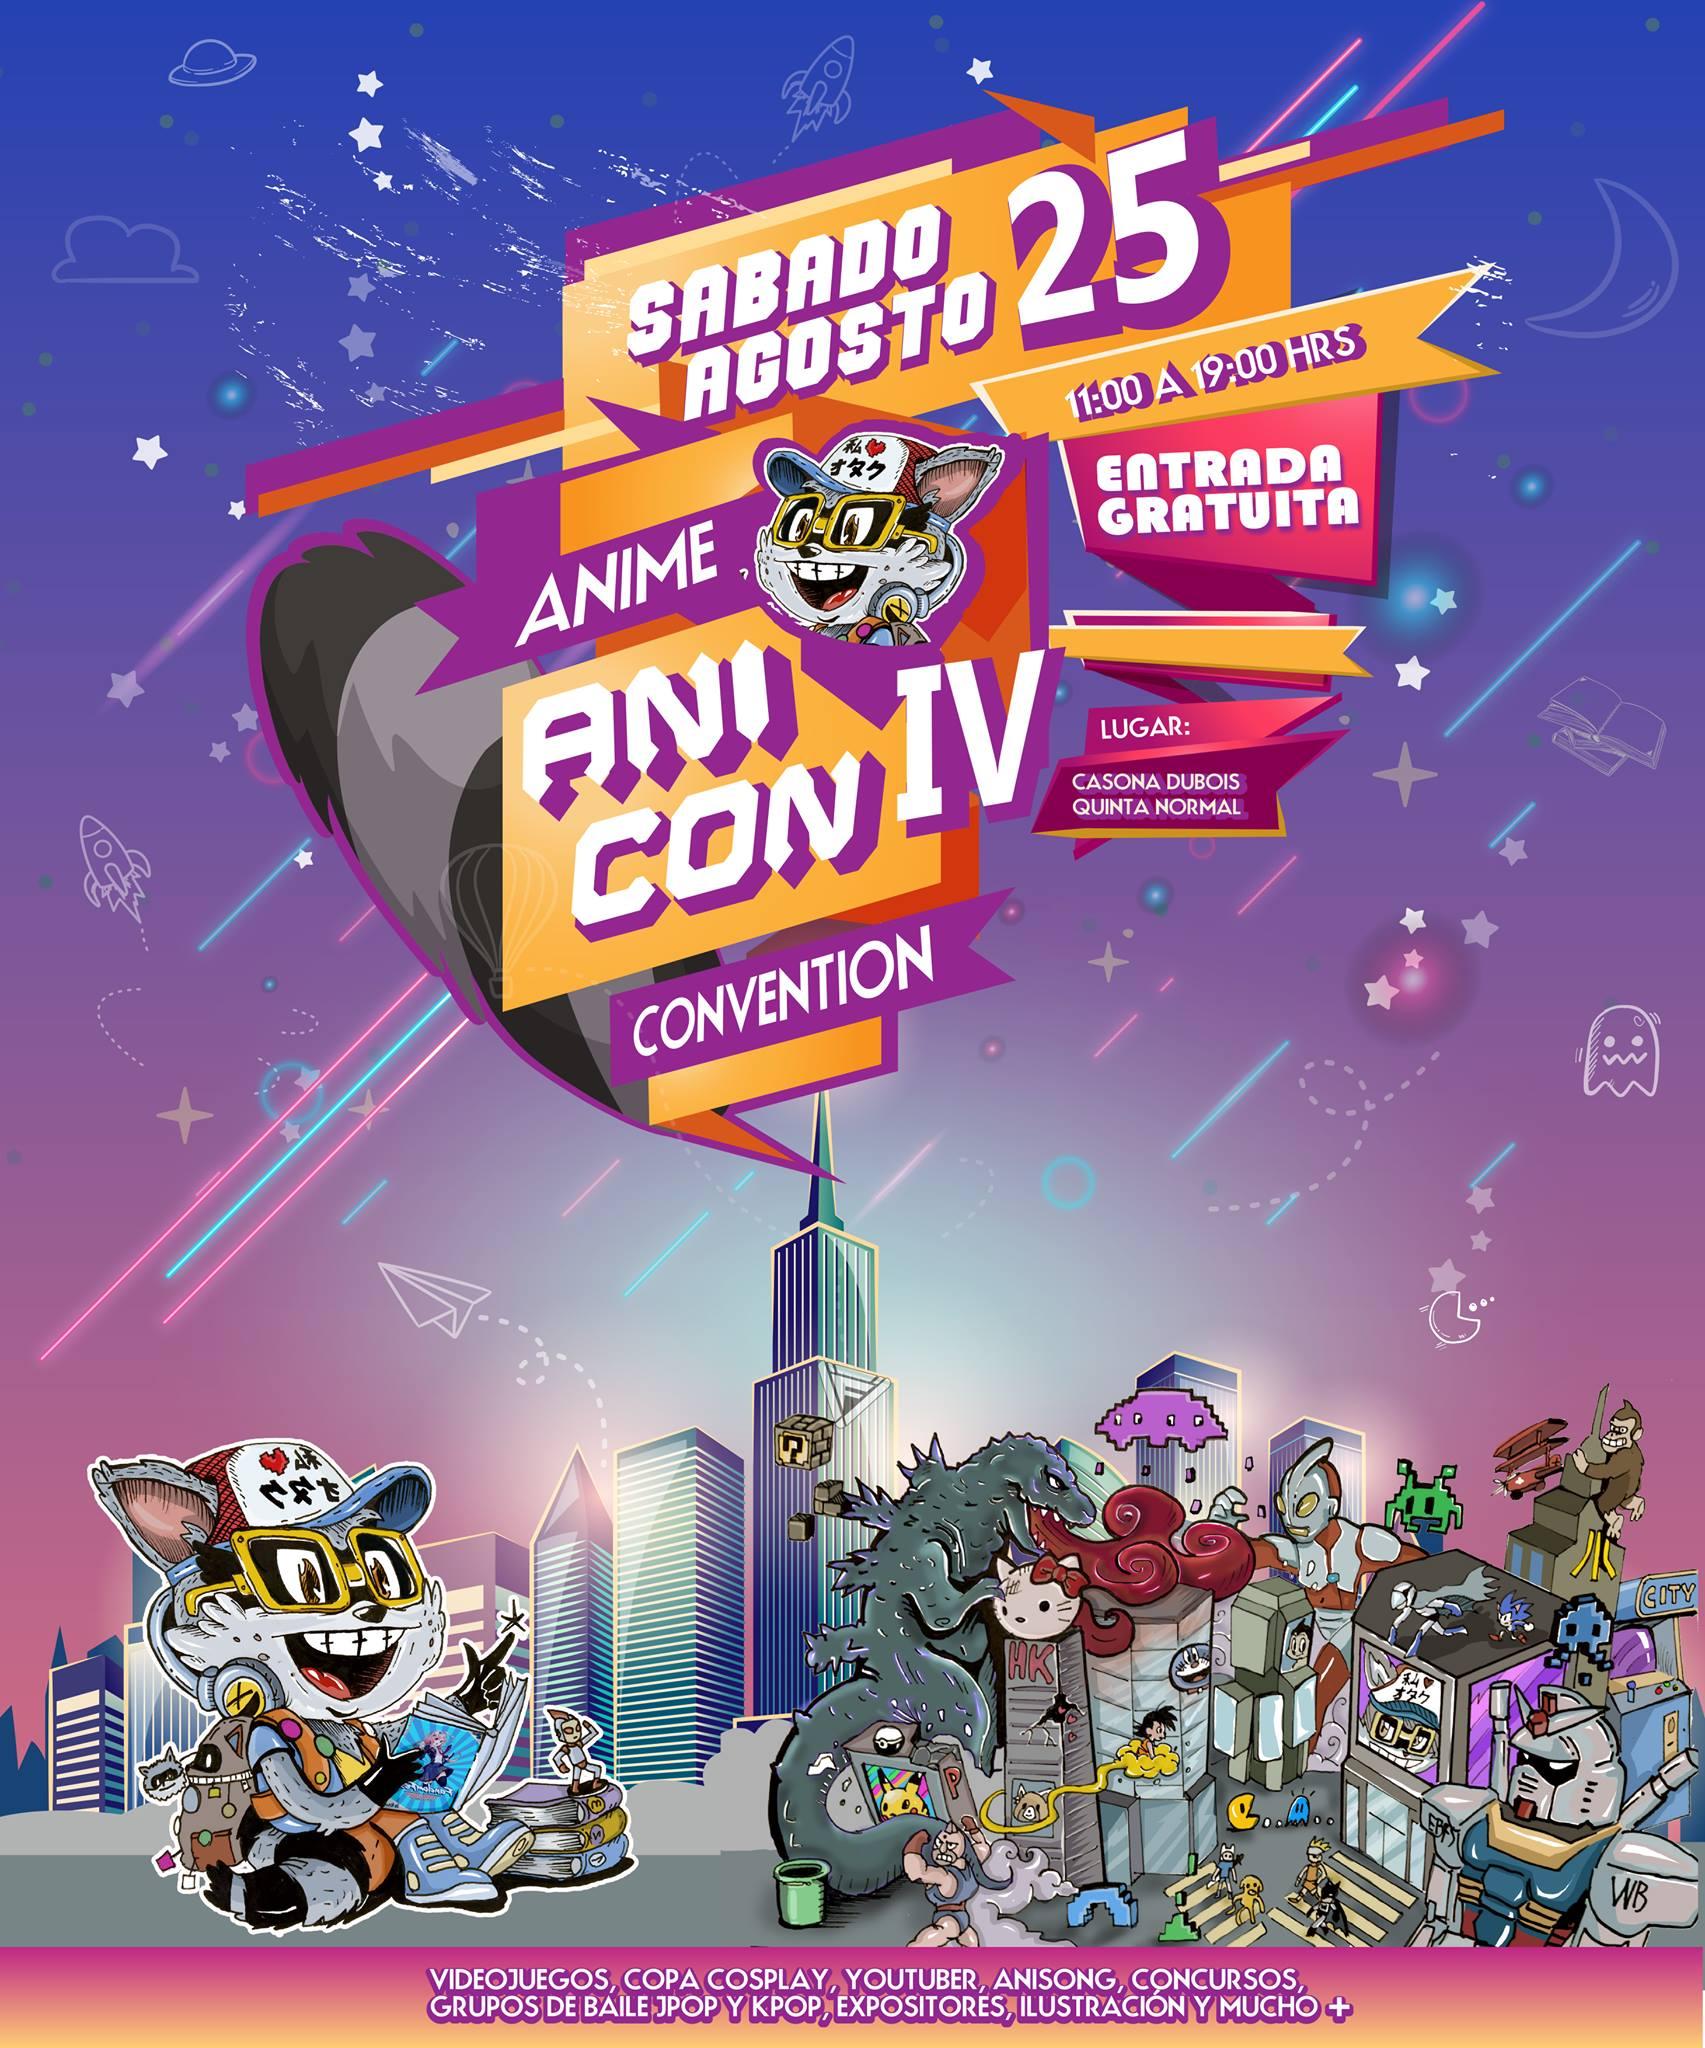 Animé Convention IV